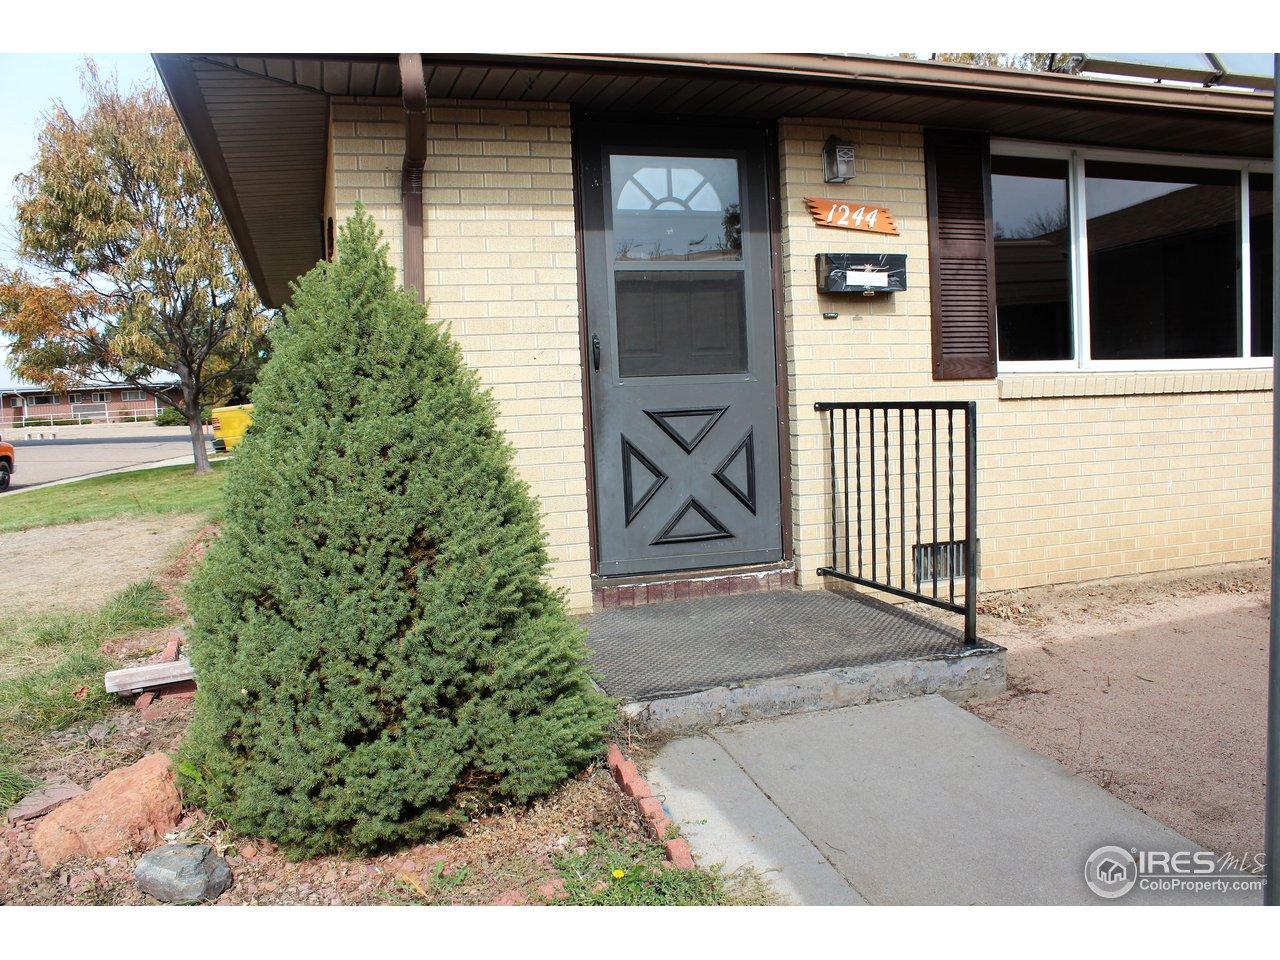 1244 Linden St, Longmont CO 80501